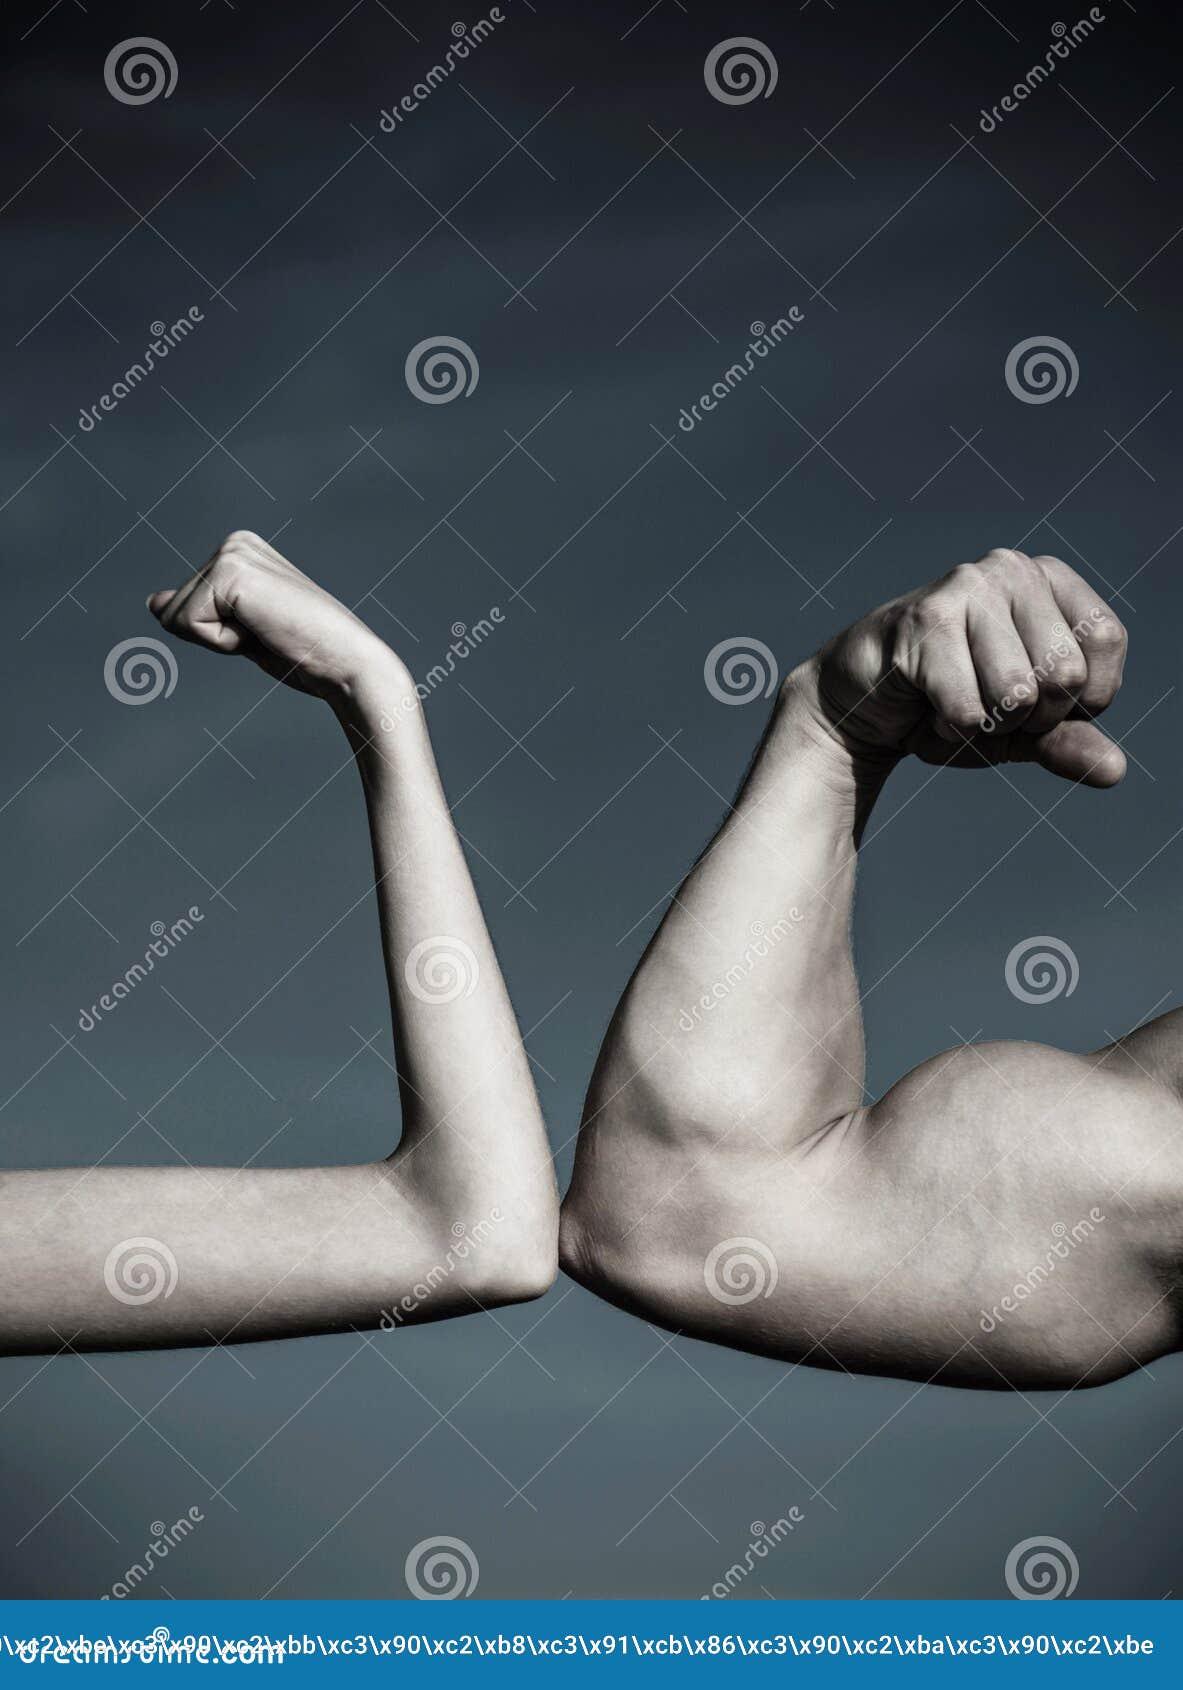 Rivalità, contro, sfida, confronto di resistenza Braccio muscolare contro la mano debole Contro, lotta duro Concorrenza, confront